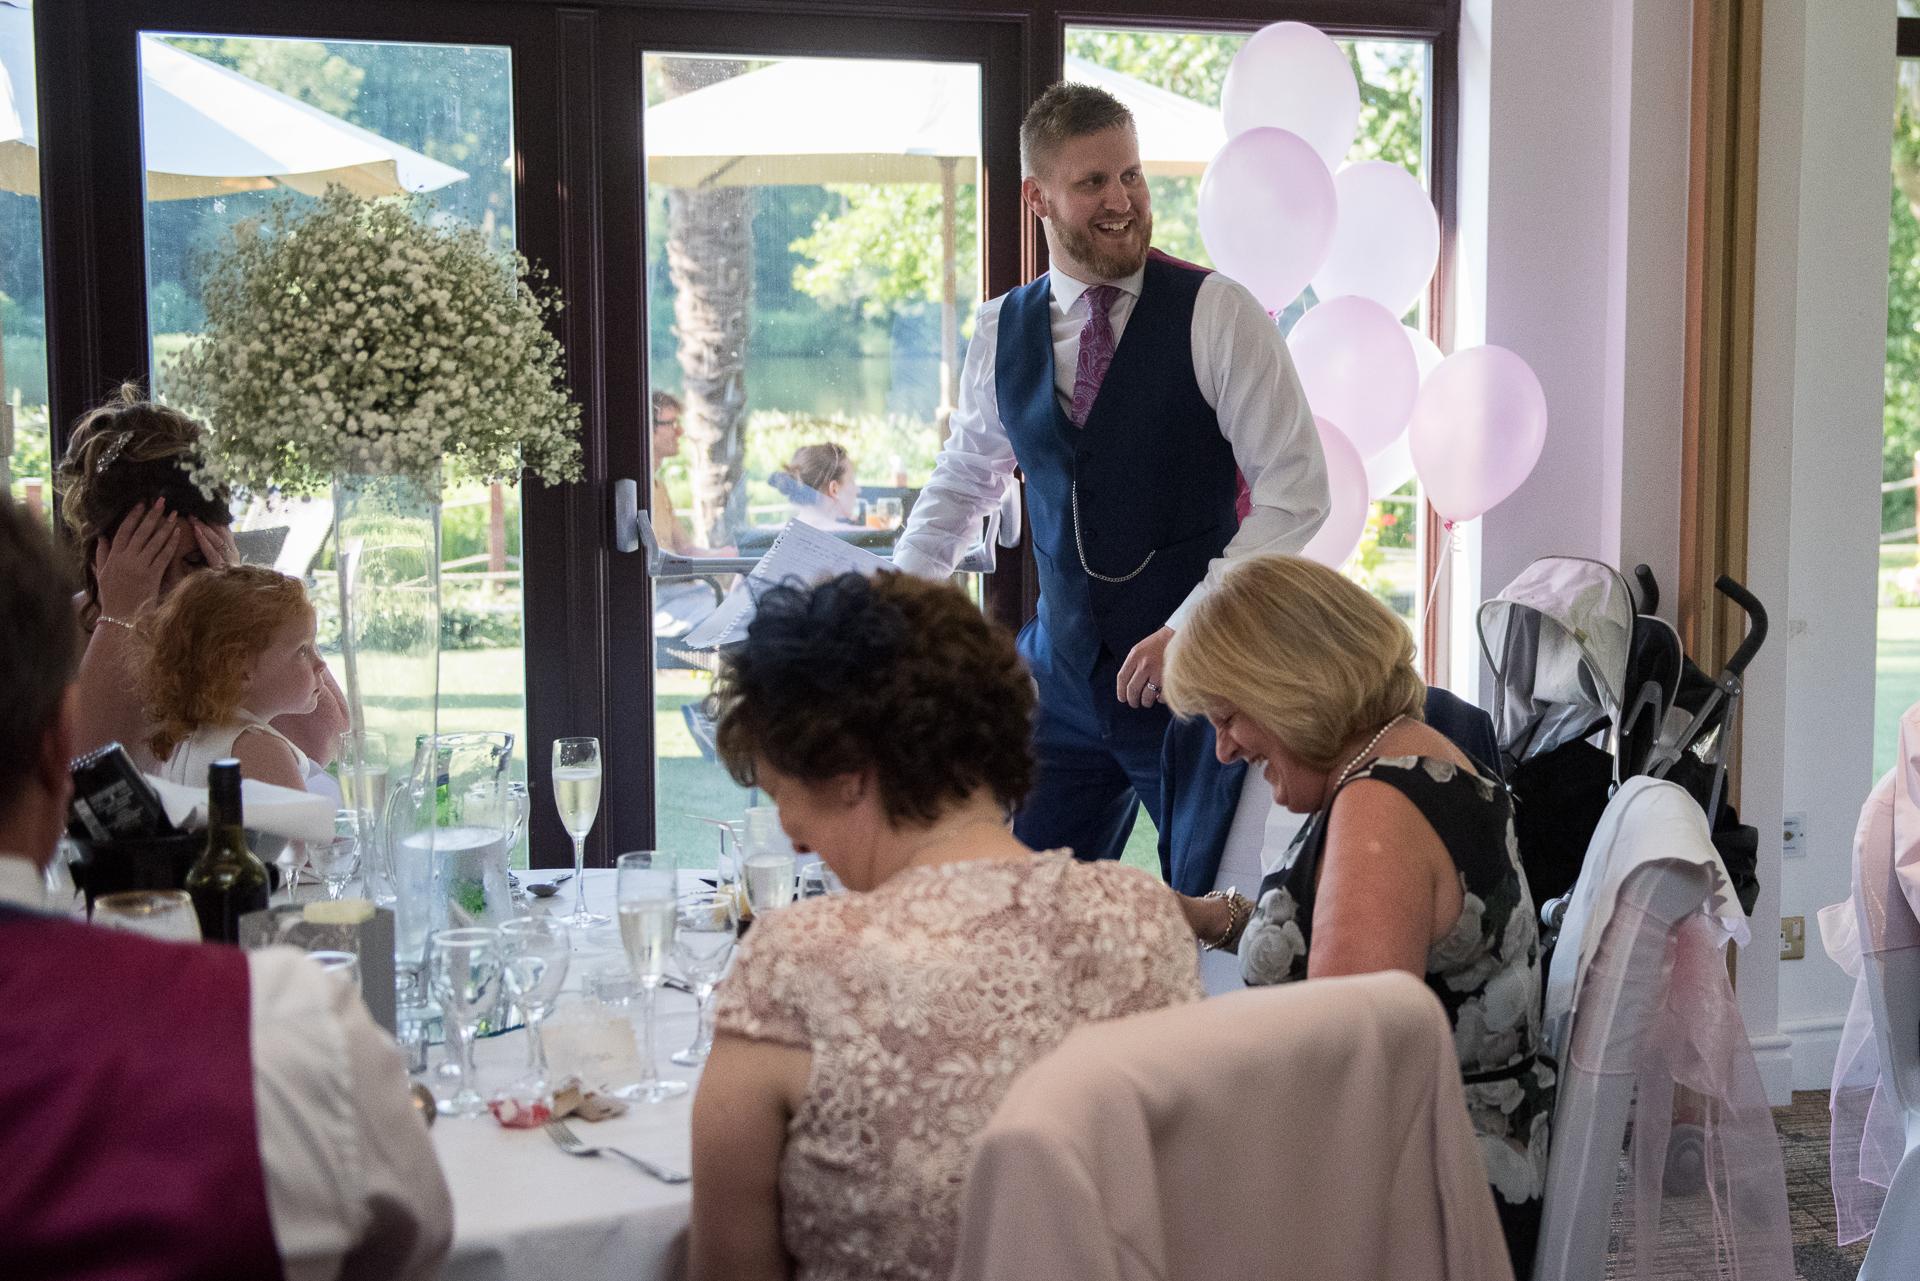 Frensham-Pond-Hotel-wedding_57.JPG